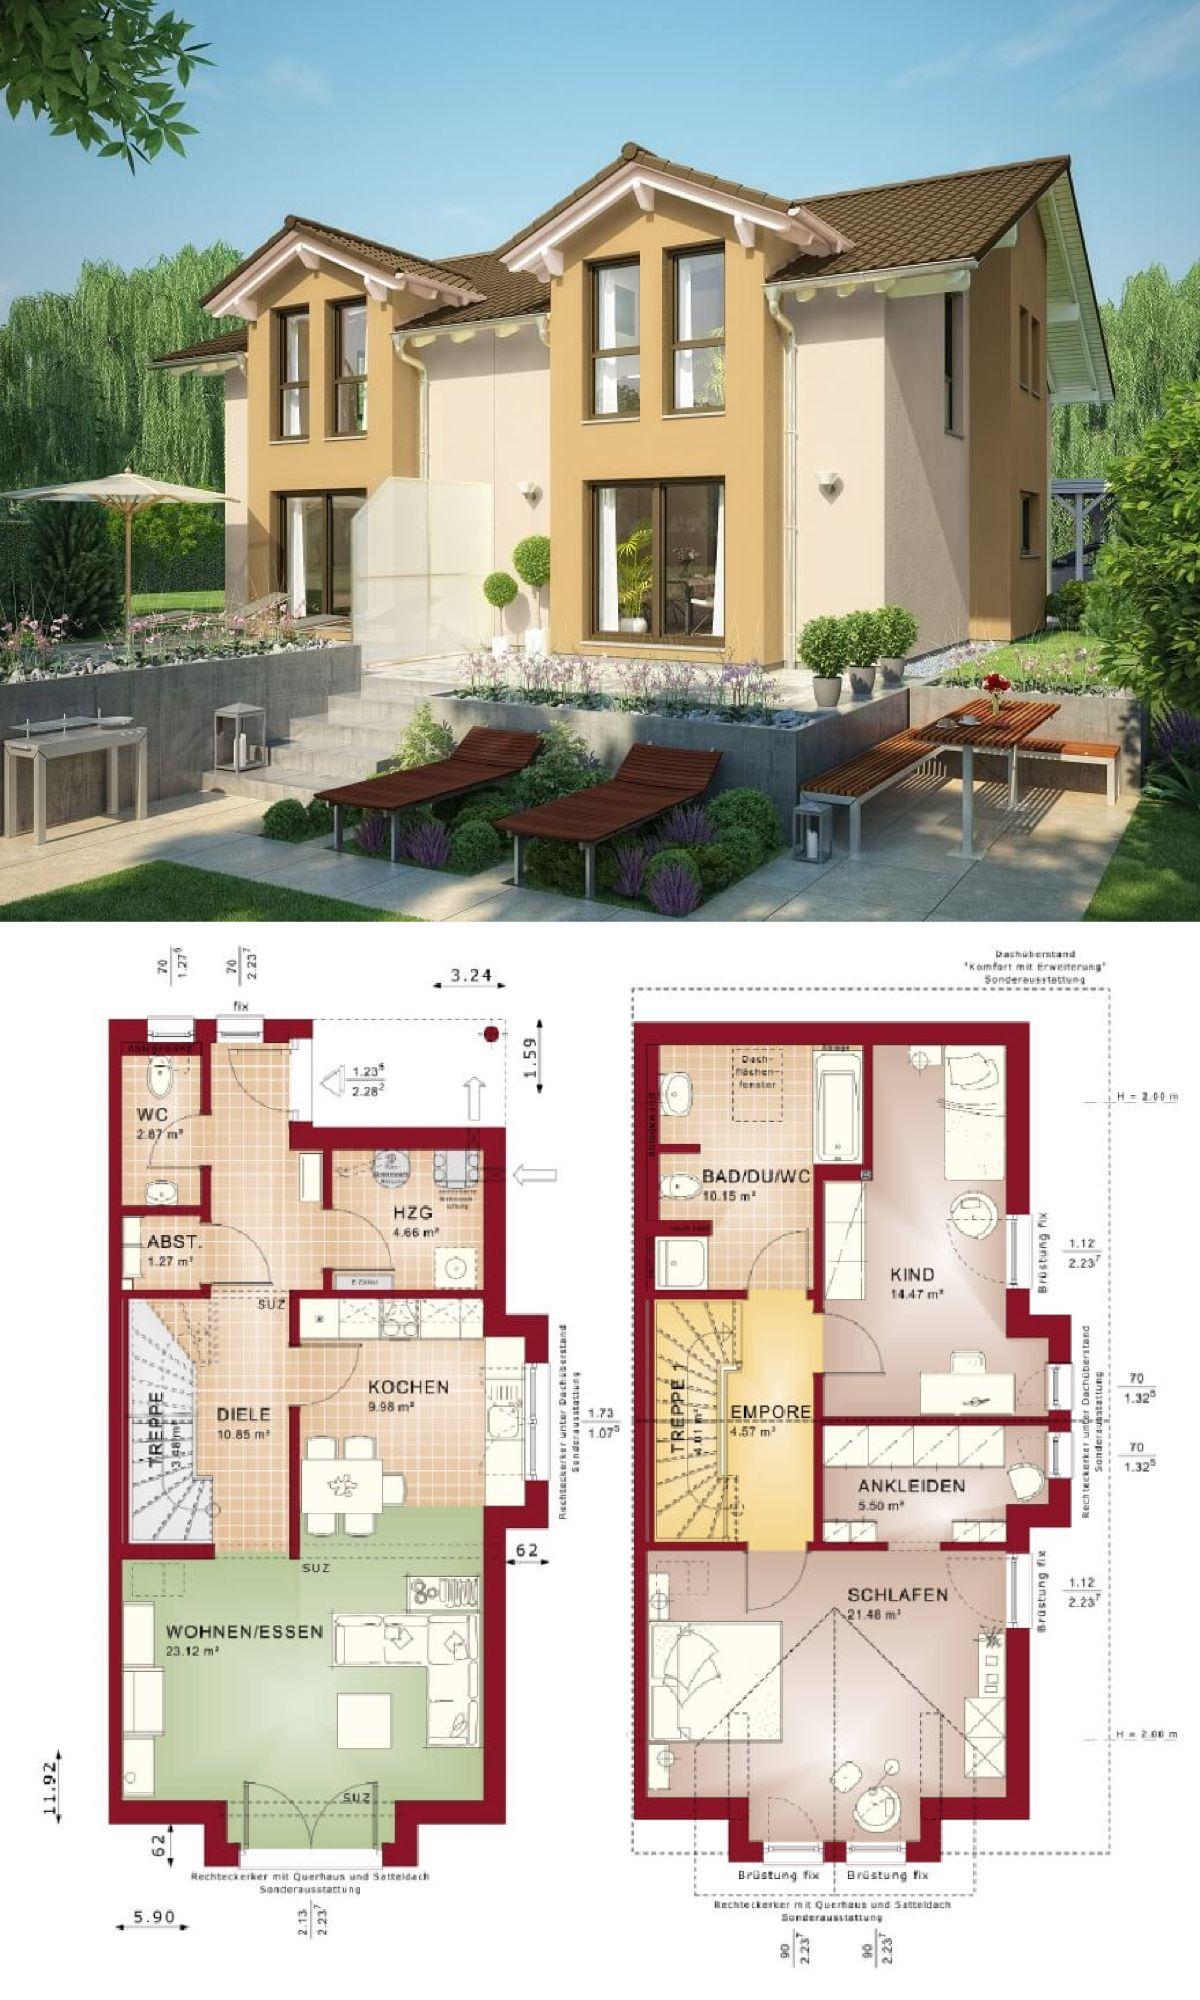 Stilvolles doppelhaus mit satteldach haus celebration for Doppelhaus grundriss modern